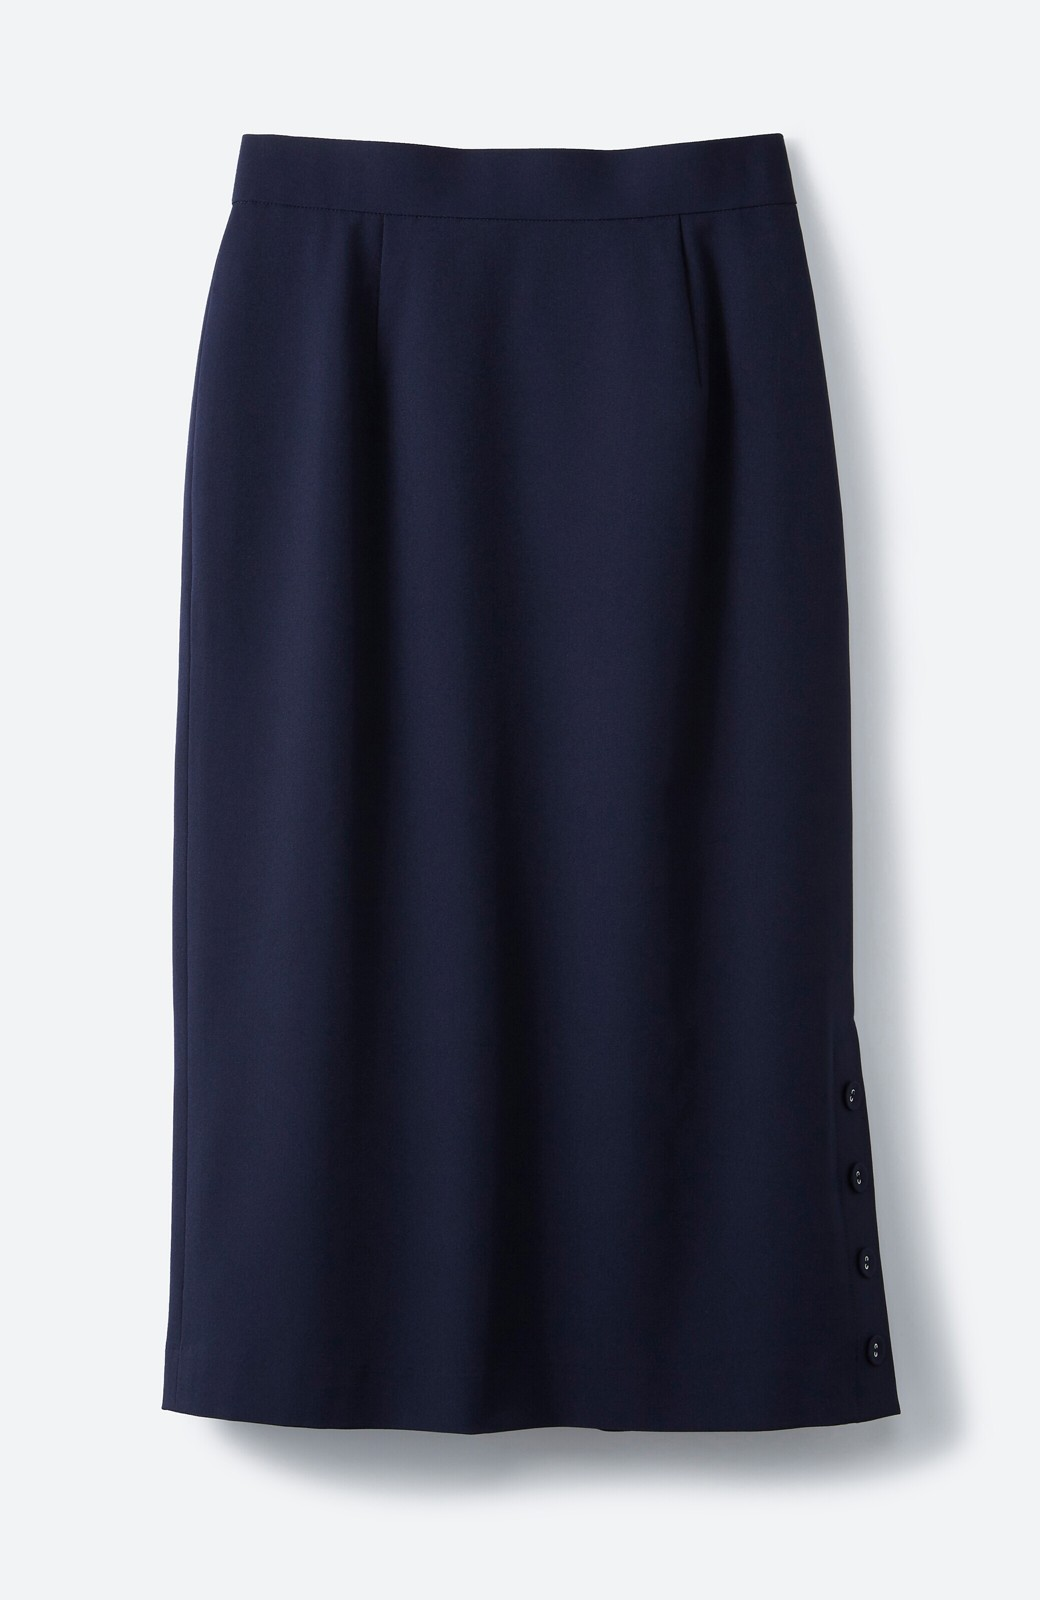 haco! 持っていると便利な野暮ったくならないフォーマルジャケット・スカートの2点セット <ネイビー>の商品写真3